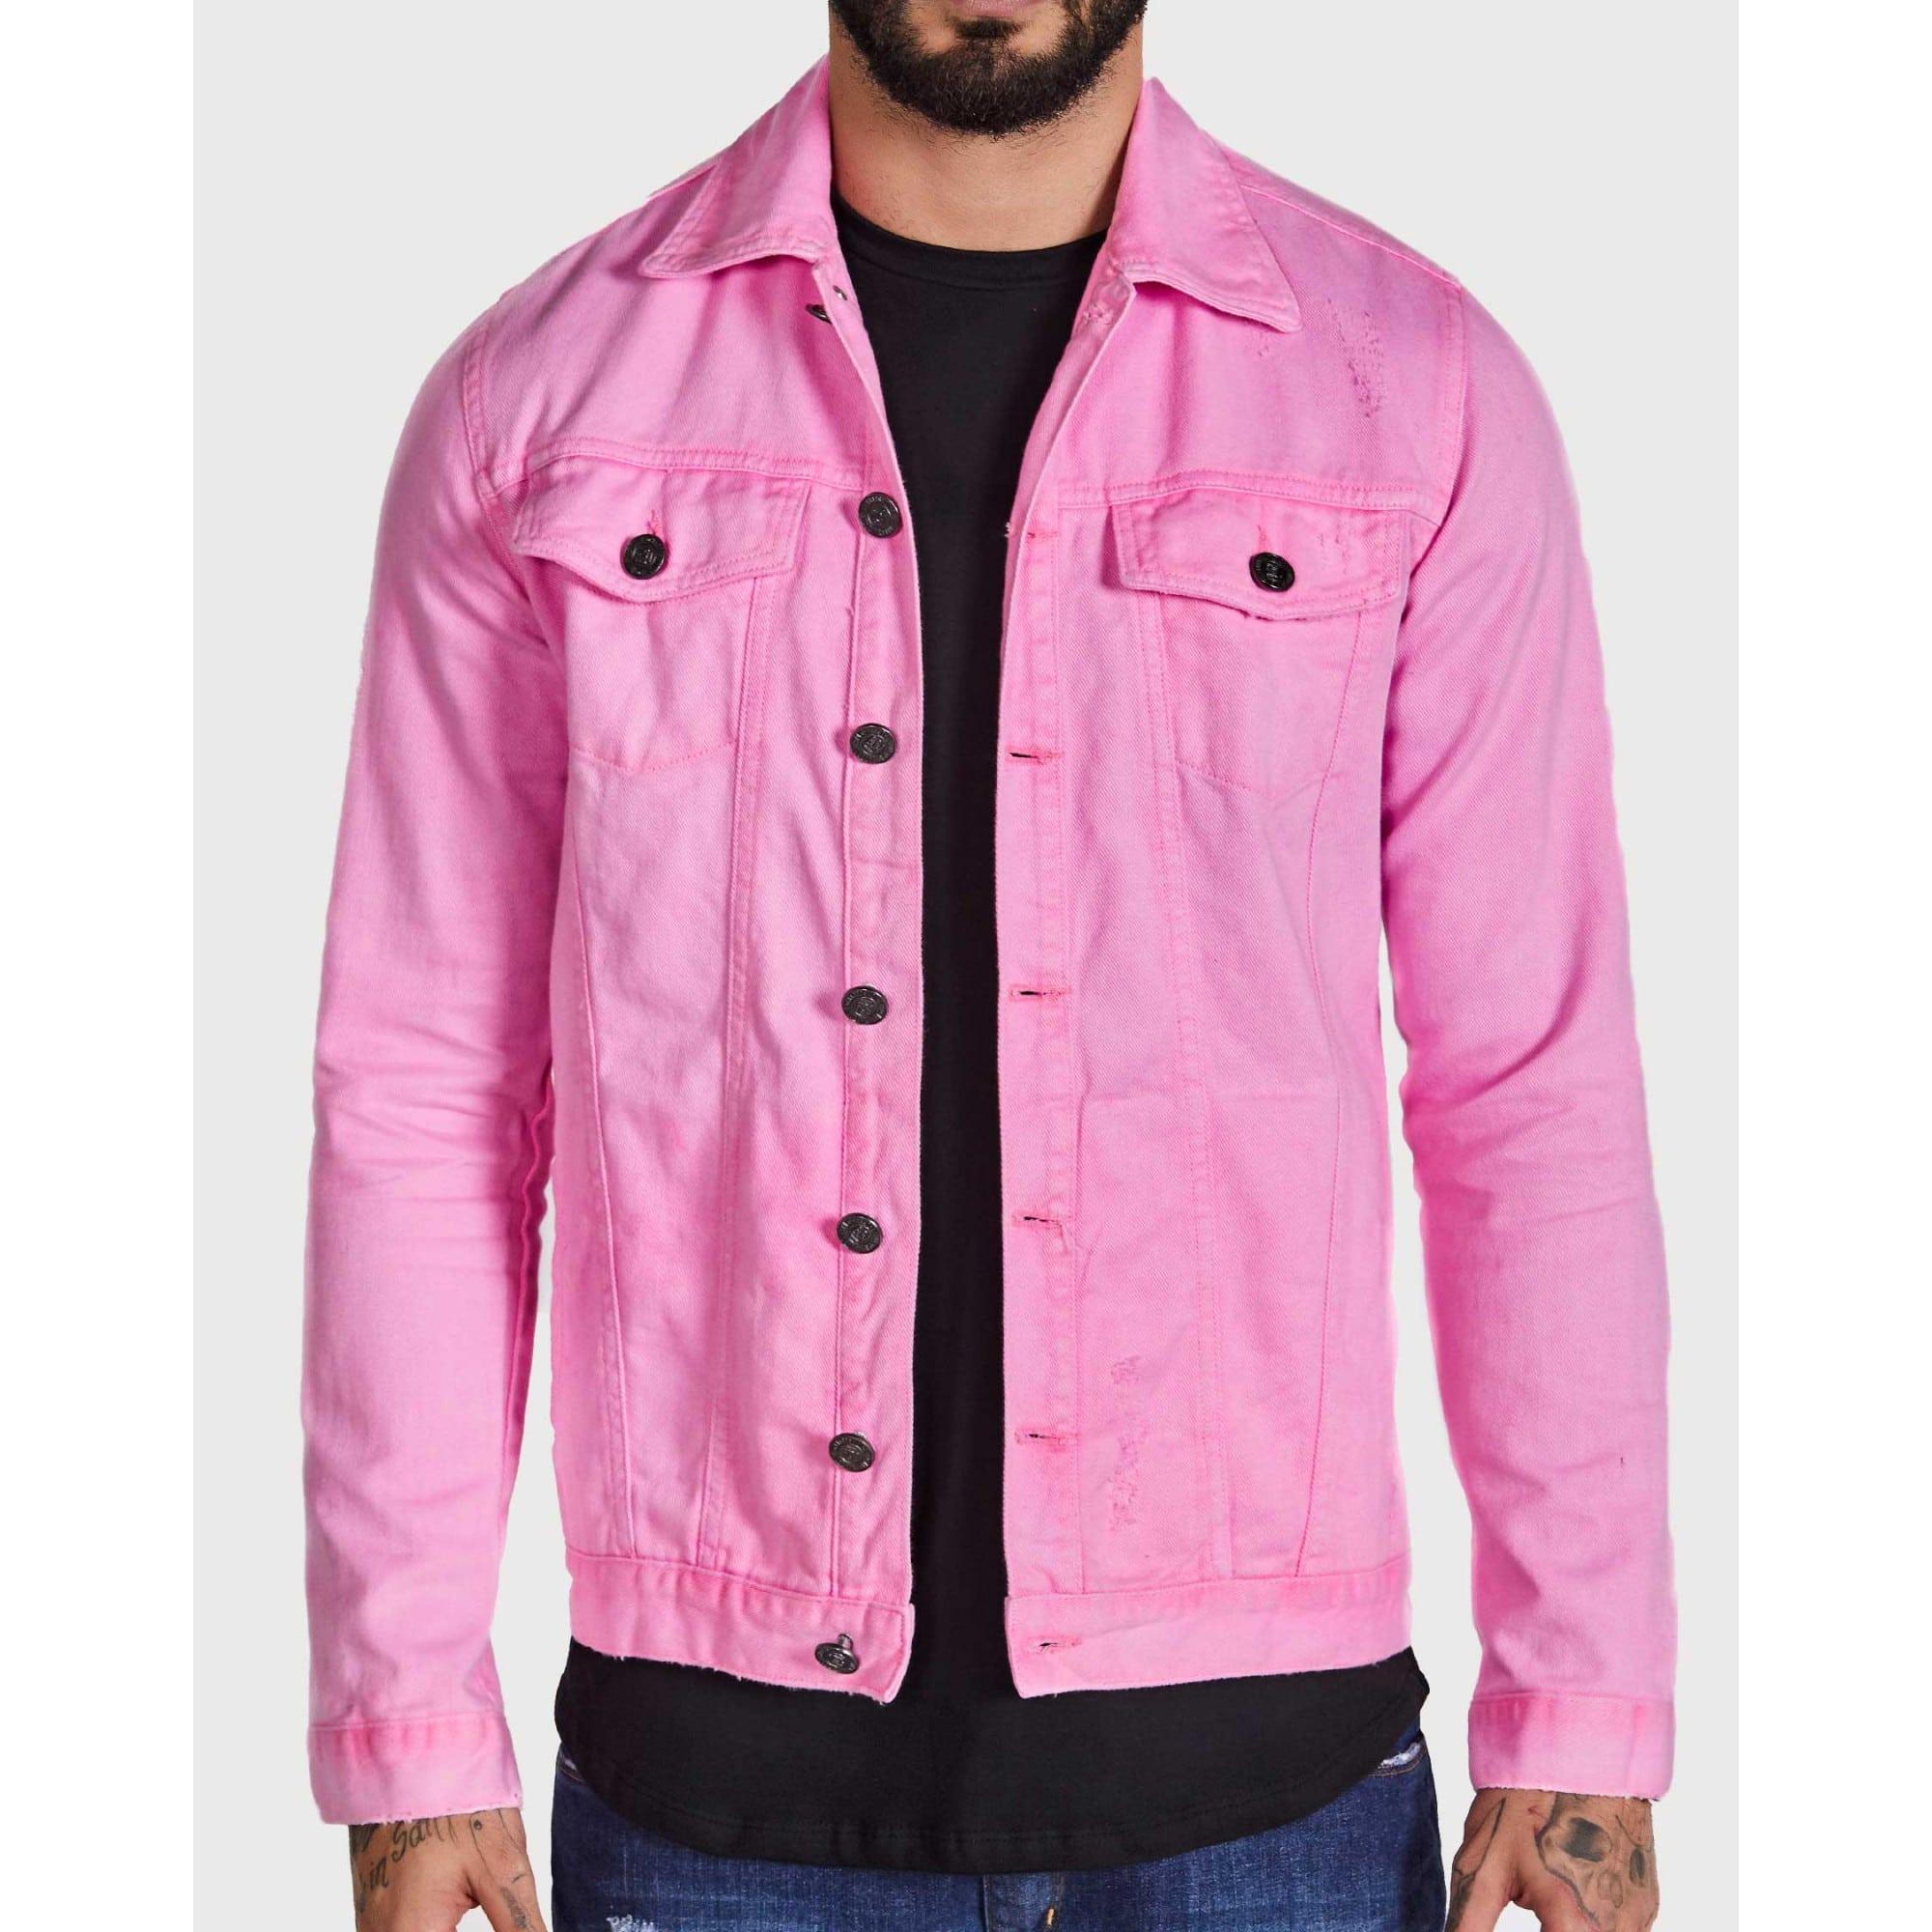 Jaqueta Buh Pink Fluor